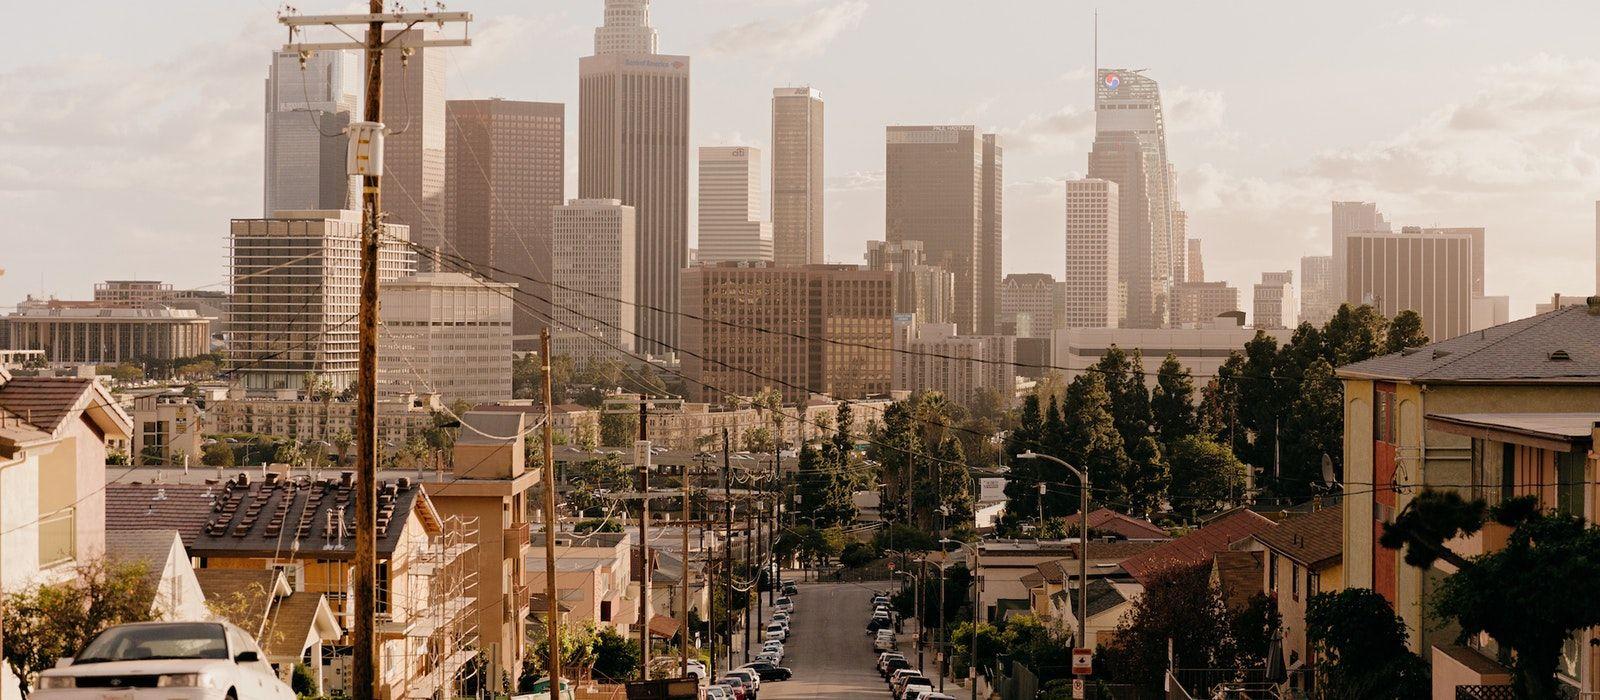 The Best Neighborhoods for Walking in Los Angeles Los